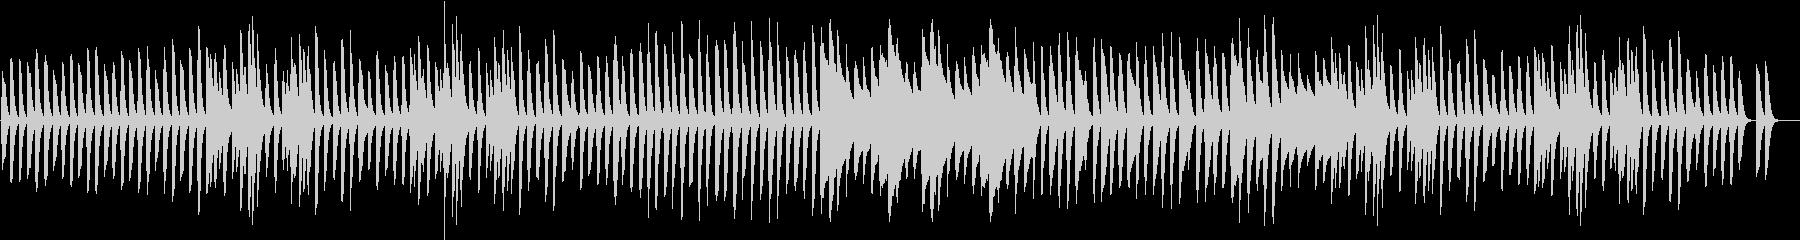 日常系アニメ風 ほのぼのピアノBGMの未再生の波形